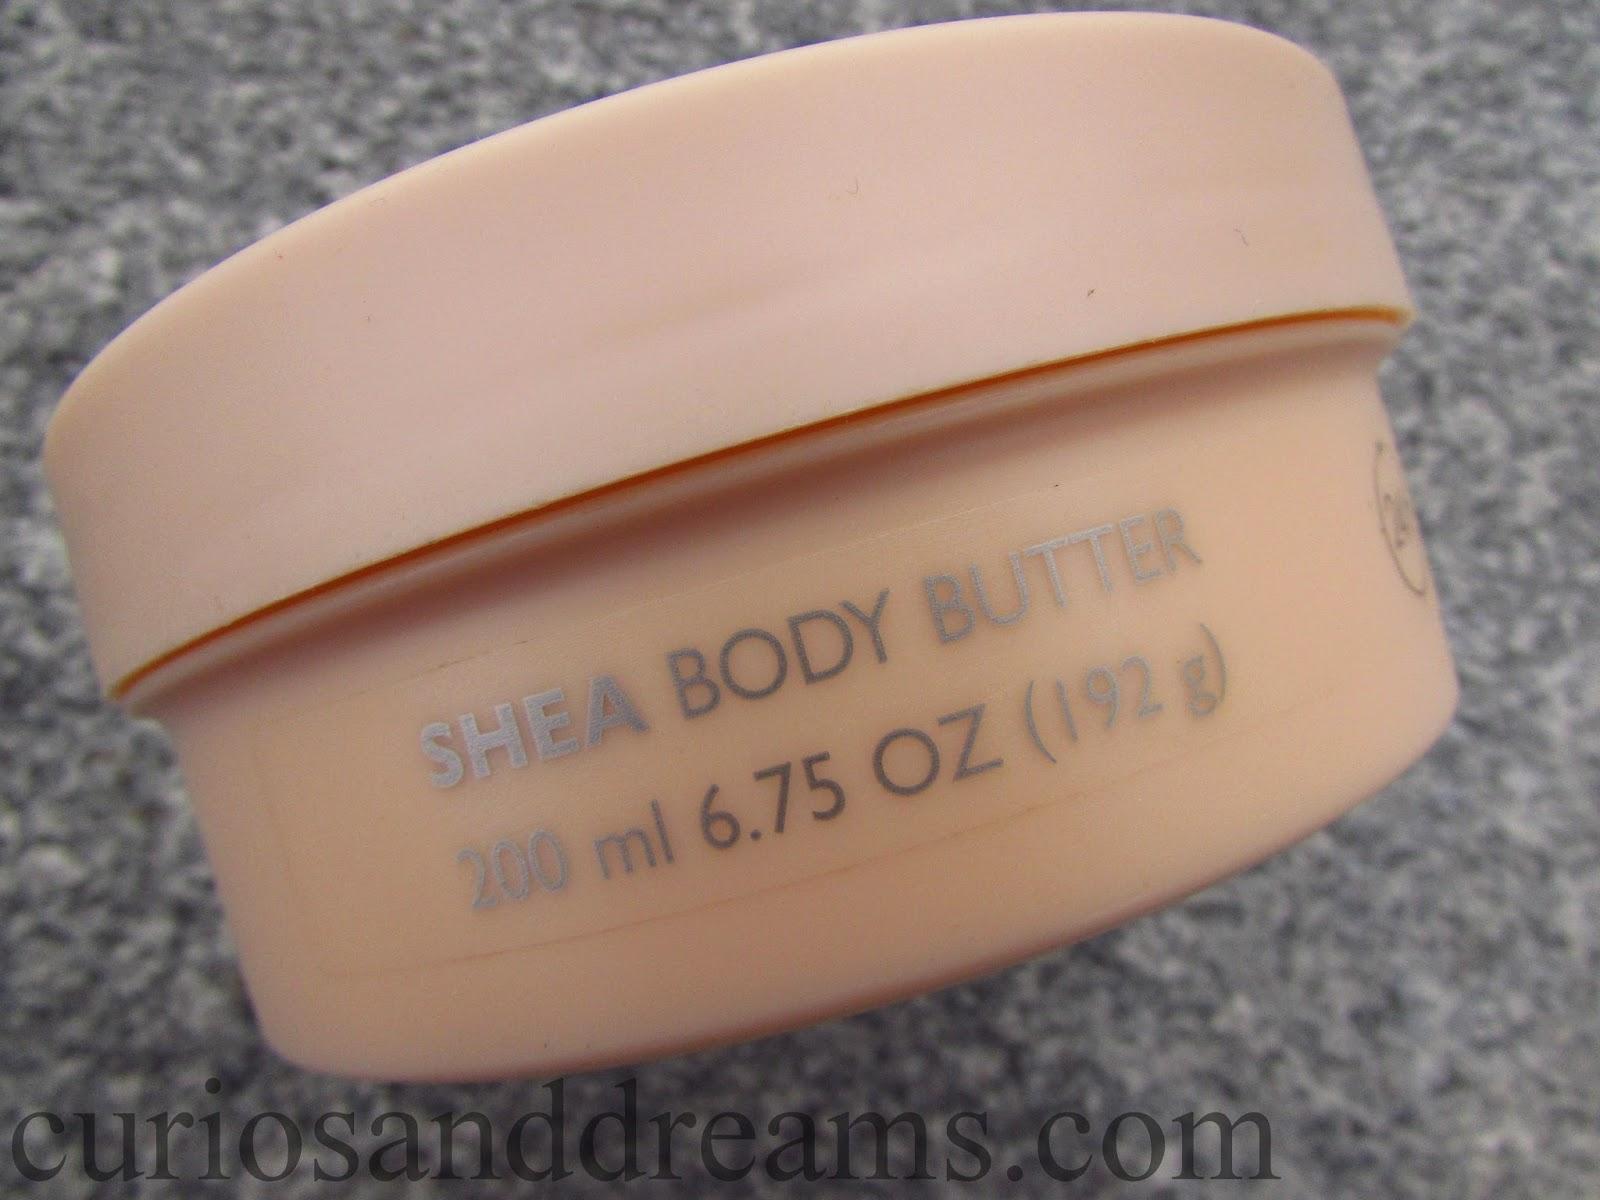 The Body Shop Shea Body Butter review, Shea Body Butter review, TBS Shea Body Butter review